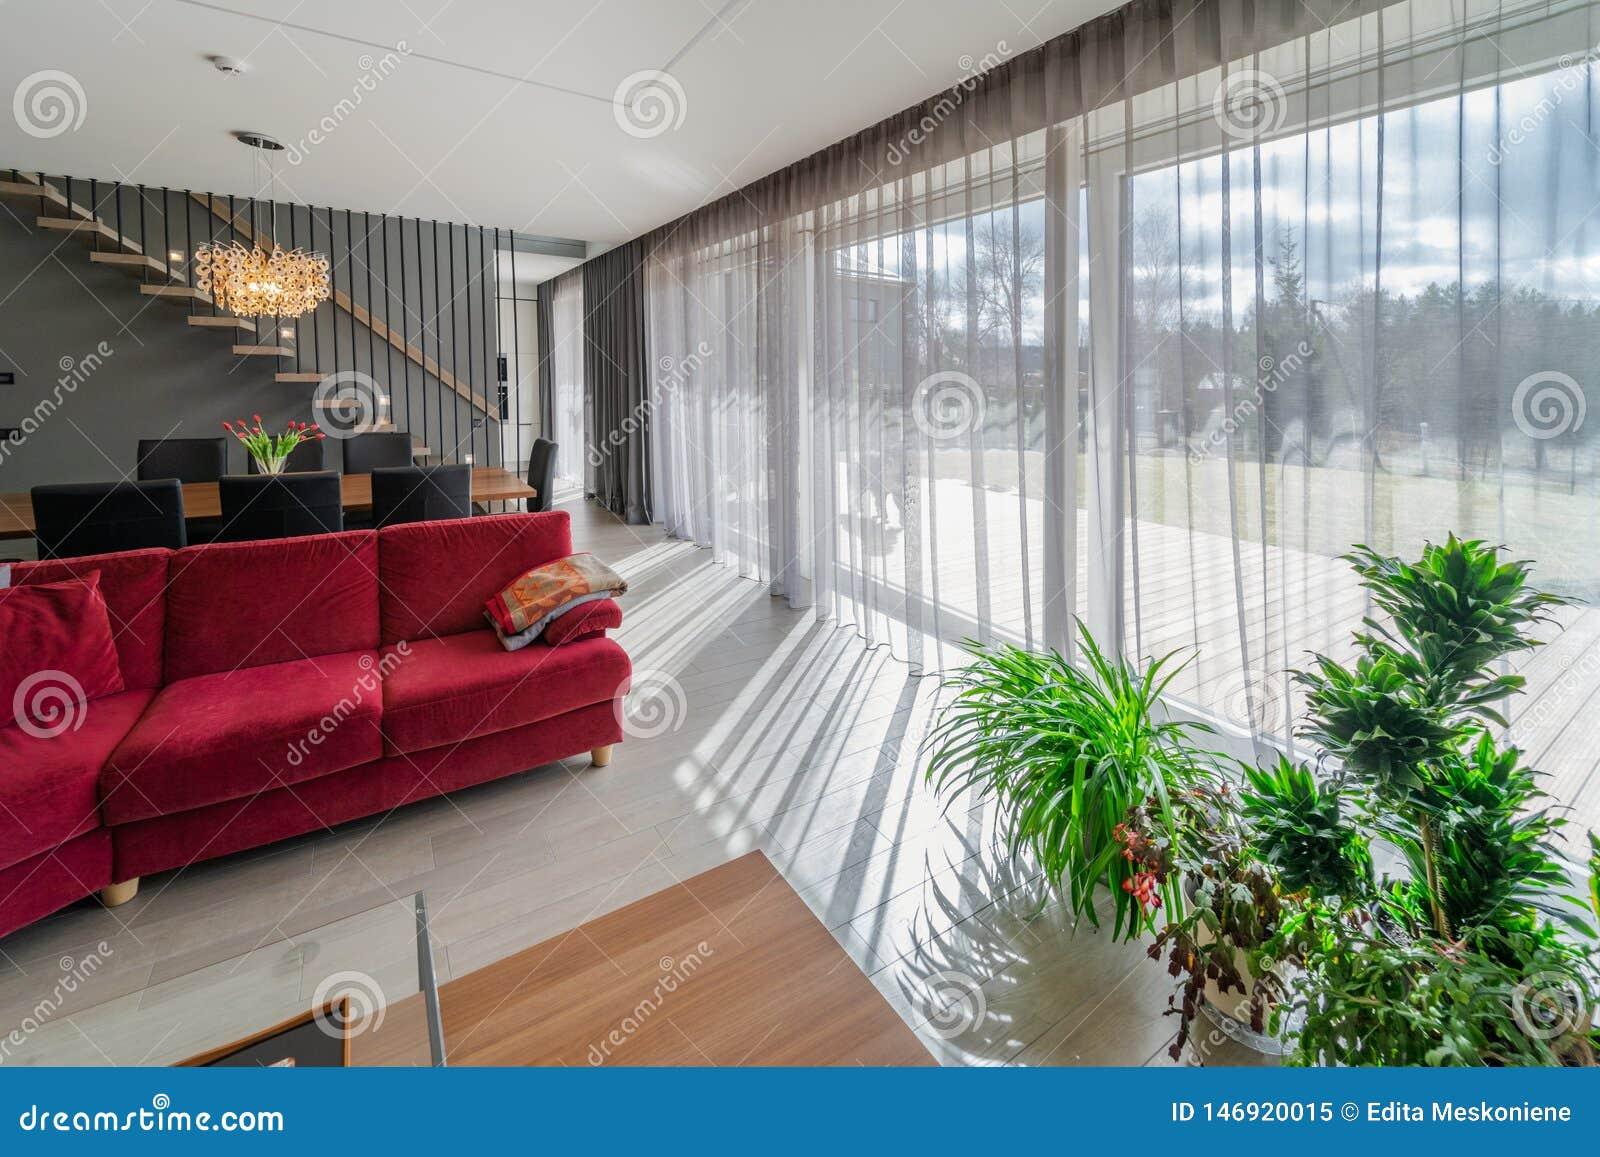 Столовая и живущая комната в интерьере современного дома